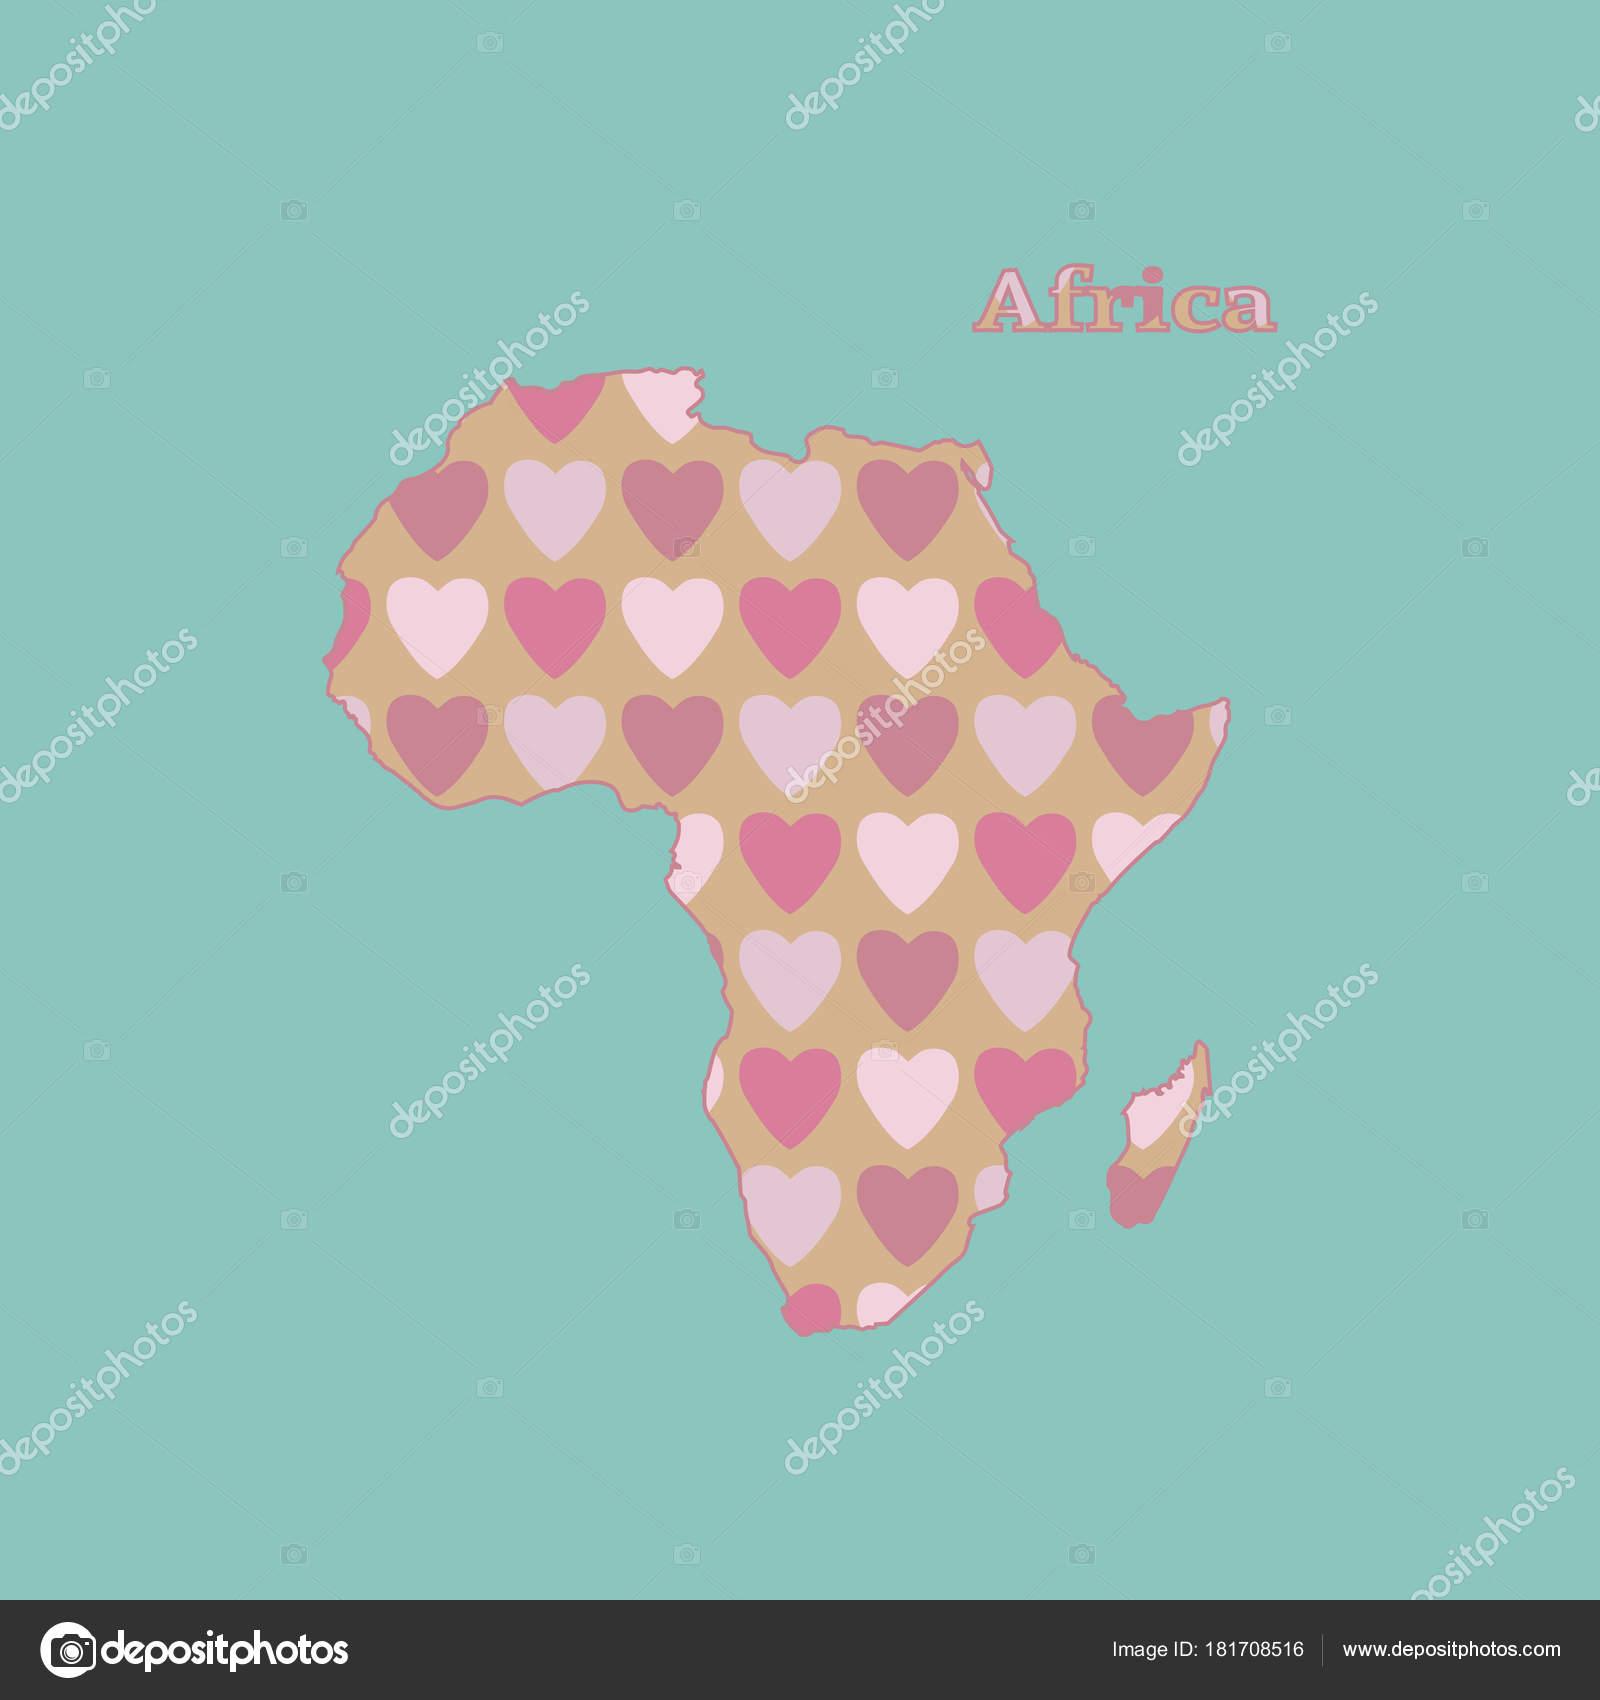 Cartina Fisica Muta Dell Africa.Cartina Muta Dell Africa Con Una Texture Di Cuore Rosa E